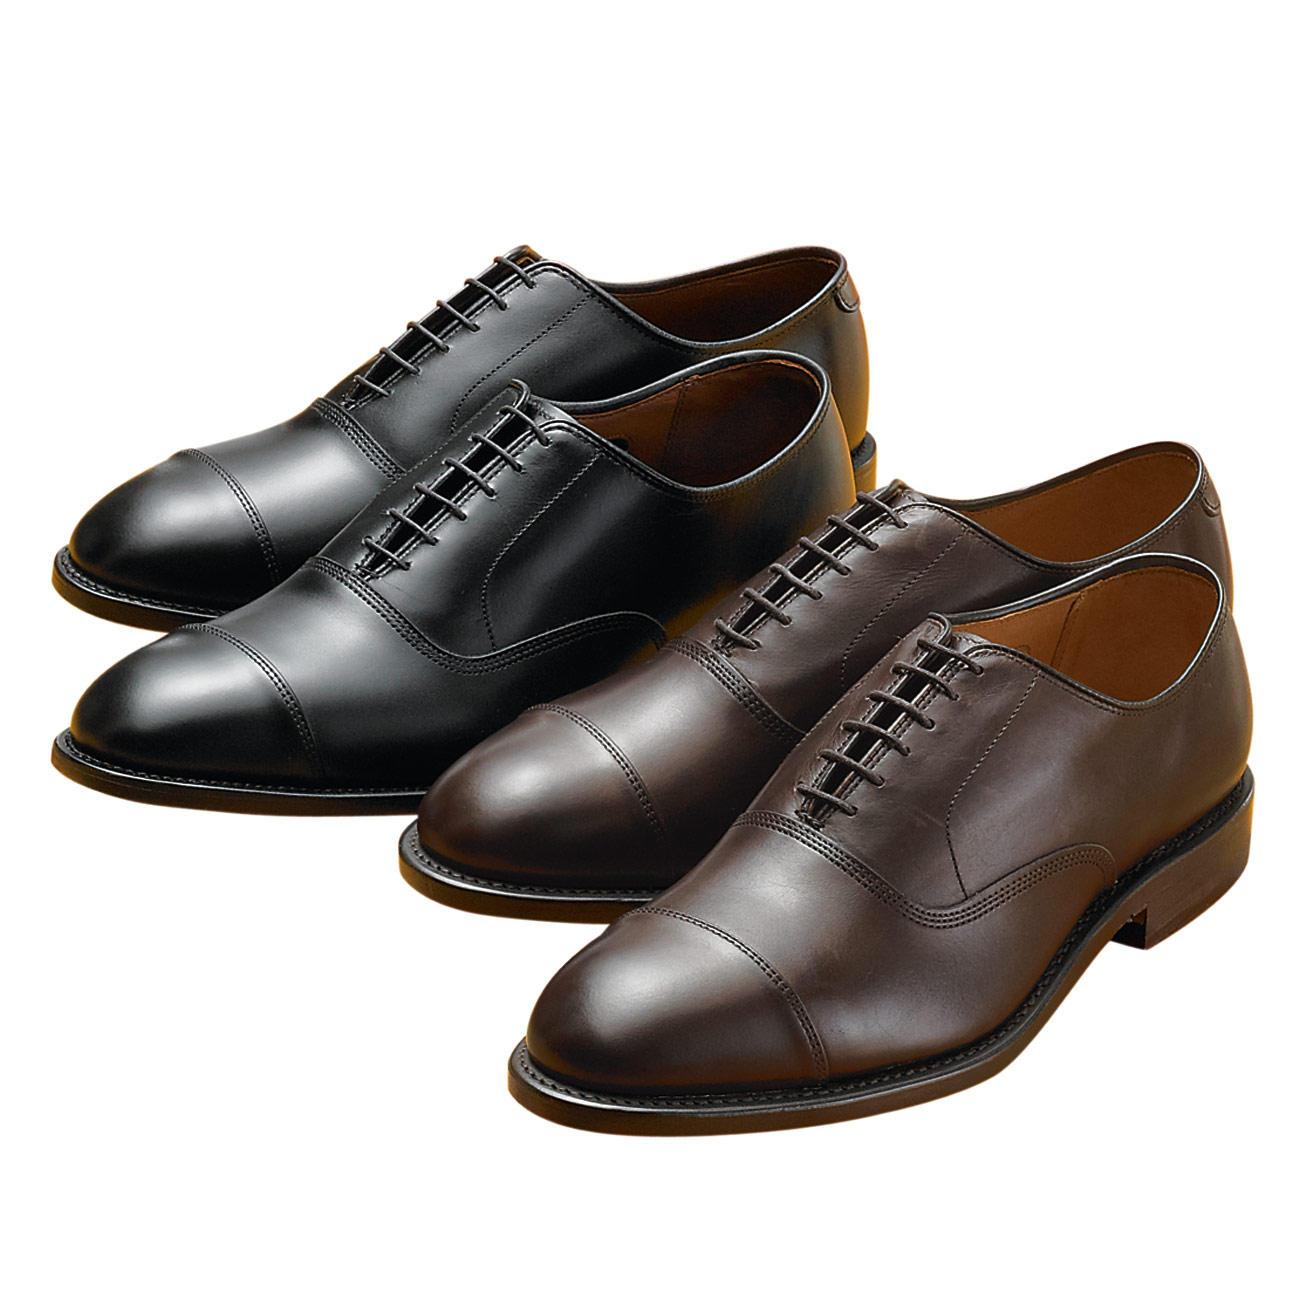 newest f939b 09621 Allen Edmonds schoenen | Ontdek modeklassiekers